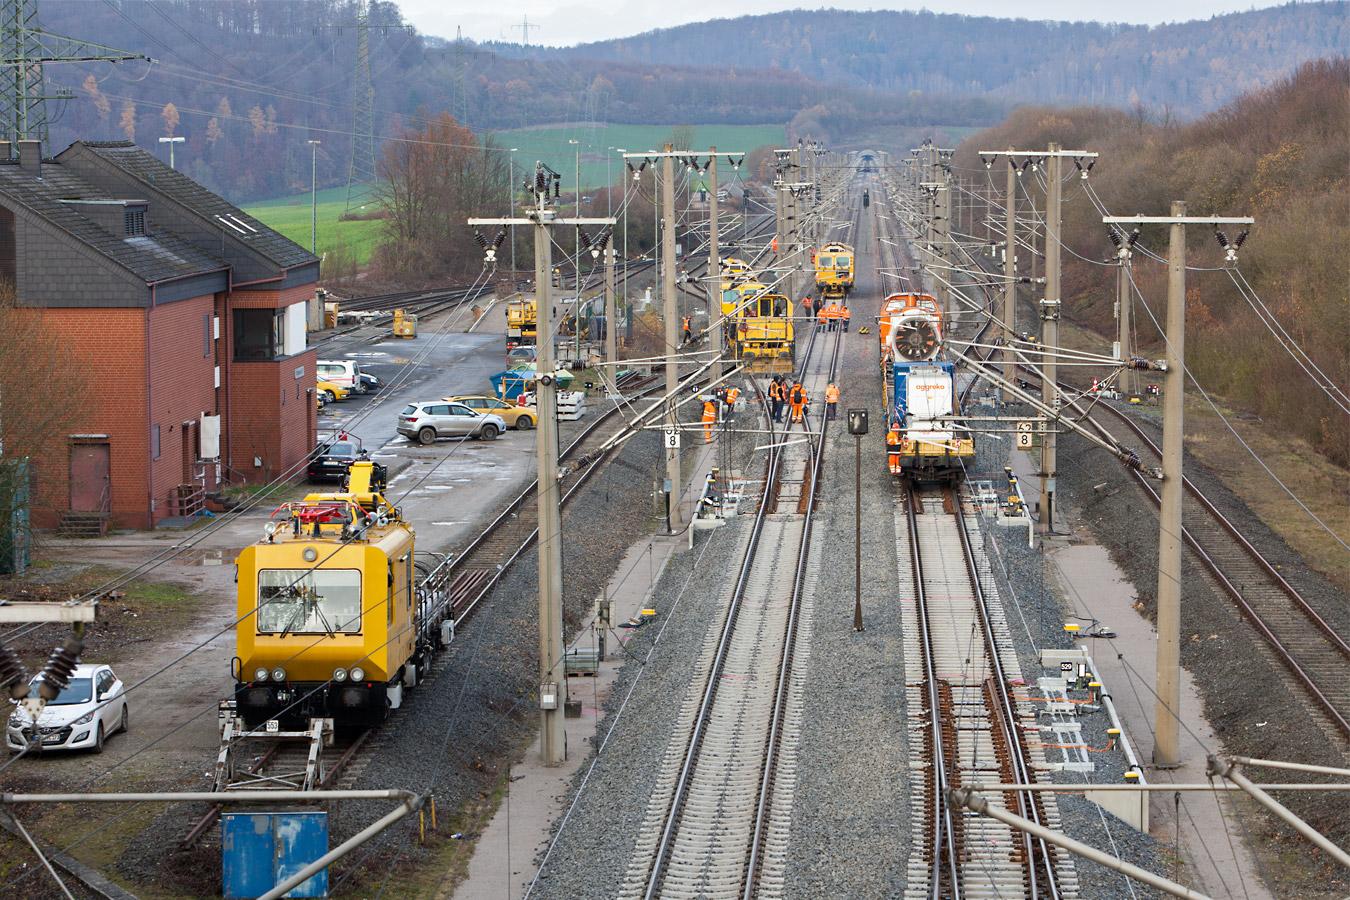 http://www.lammetalbahn.de/extra/dso/20191130-134445-IMG_2535-5D2.jpg